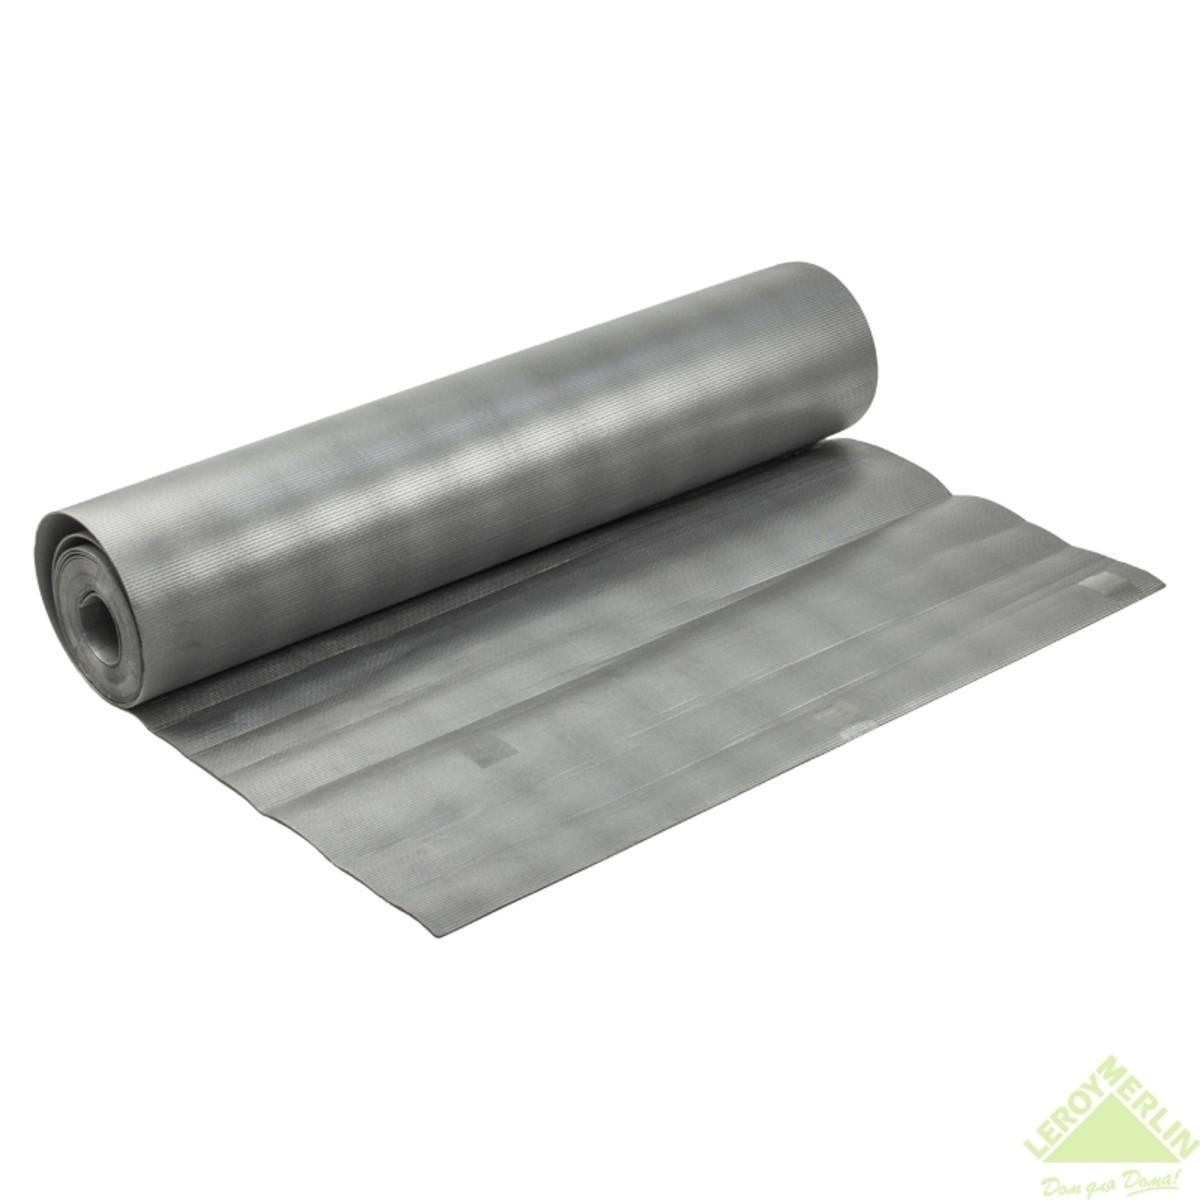 Подложка рулон XPS 2 мм 10 м2 серый